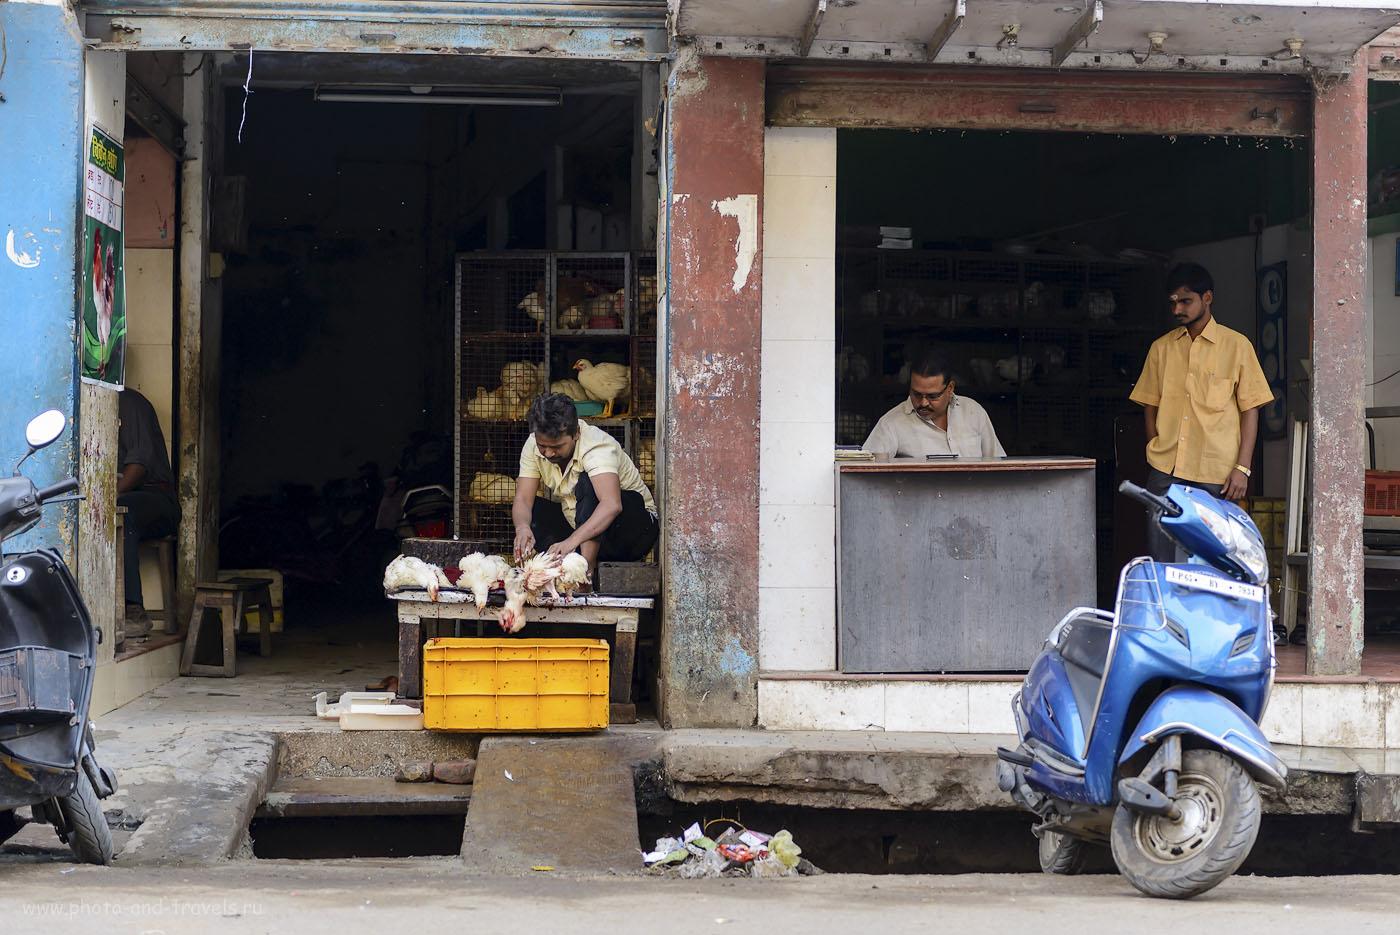 Фото 16. И такое бывает в священном городе Бенарес в Индии. 1/150, 2.8, 250, 62.